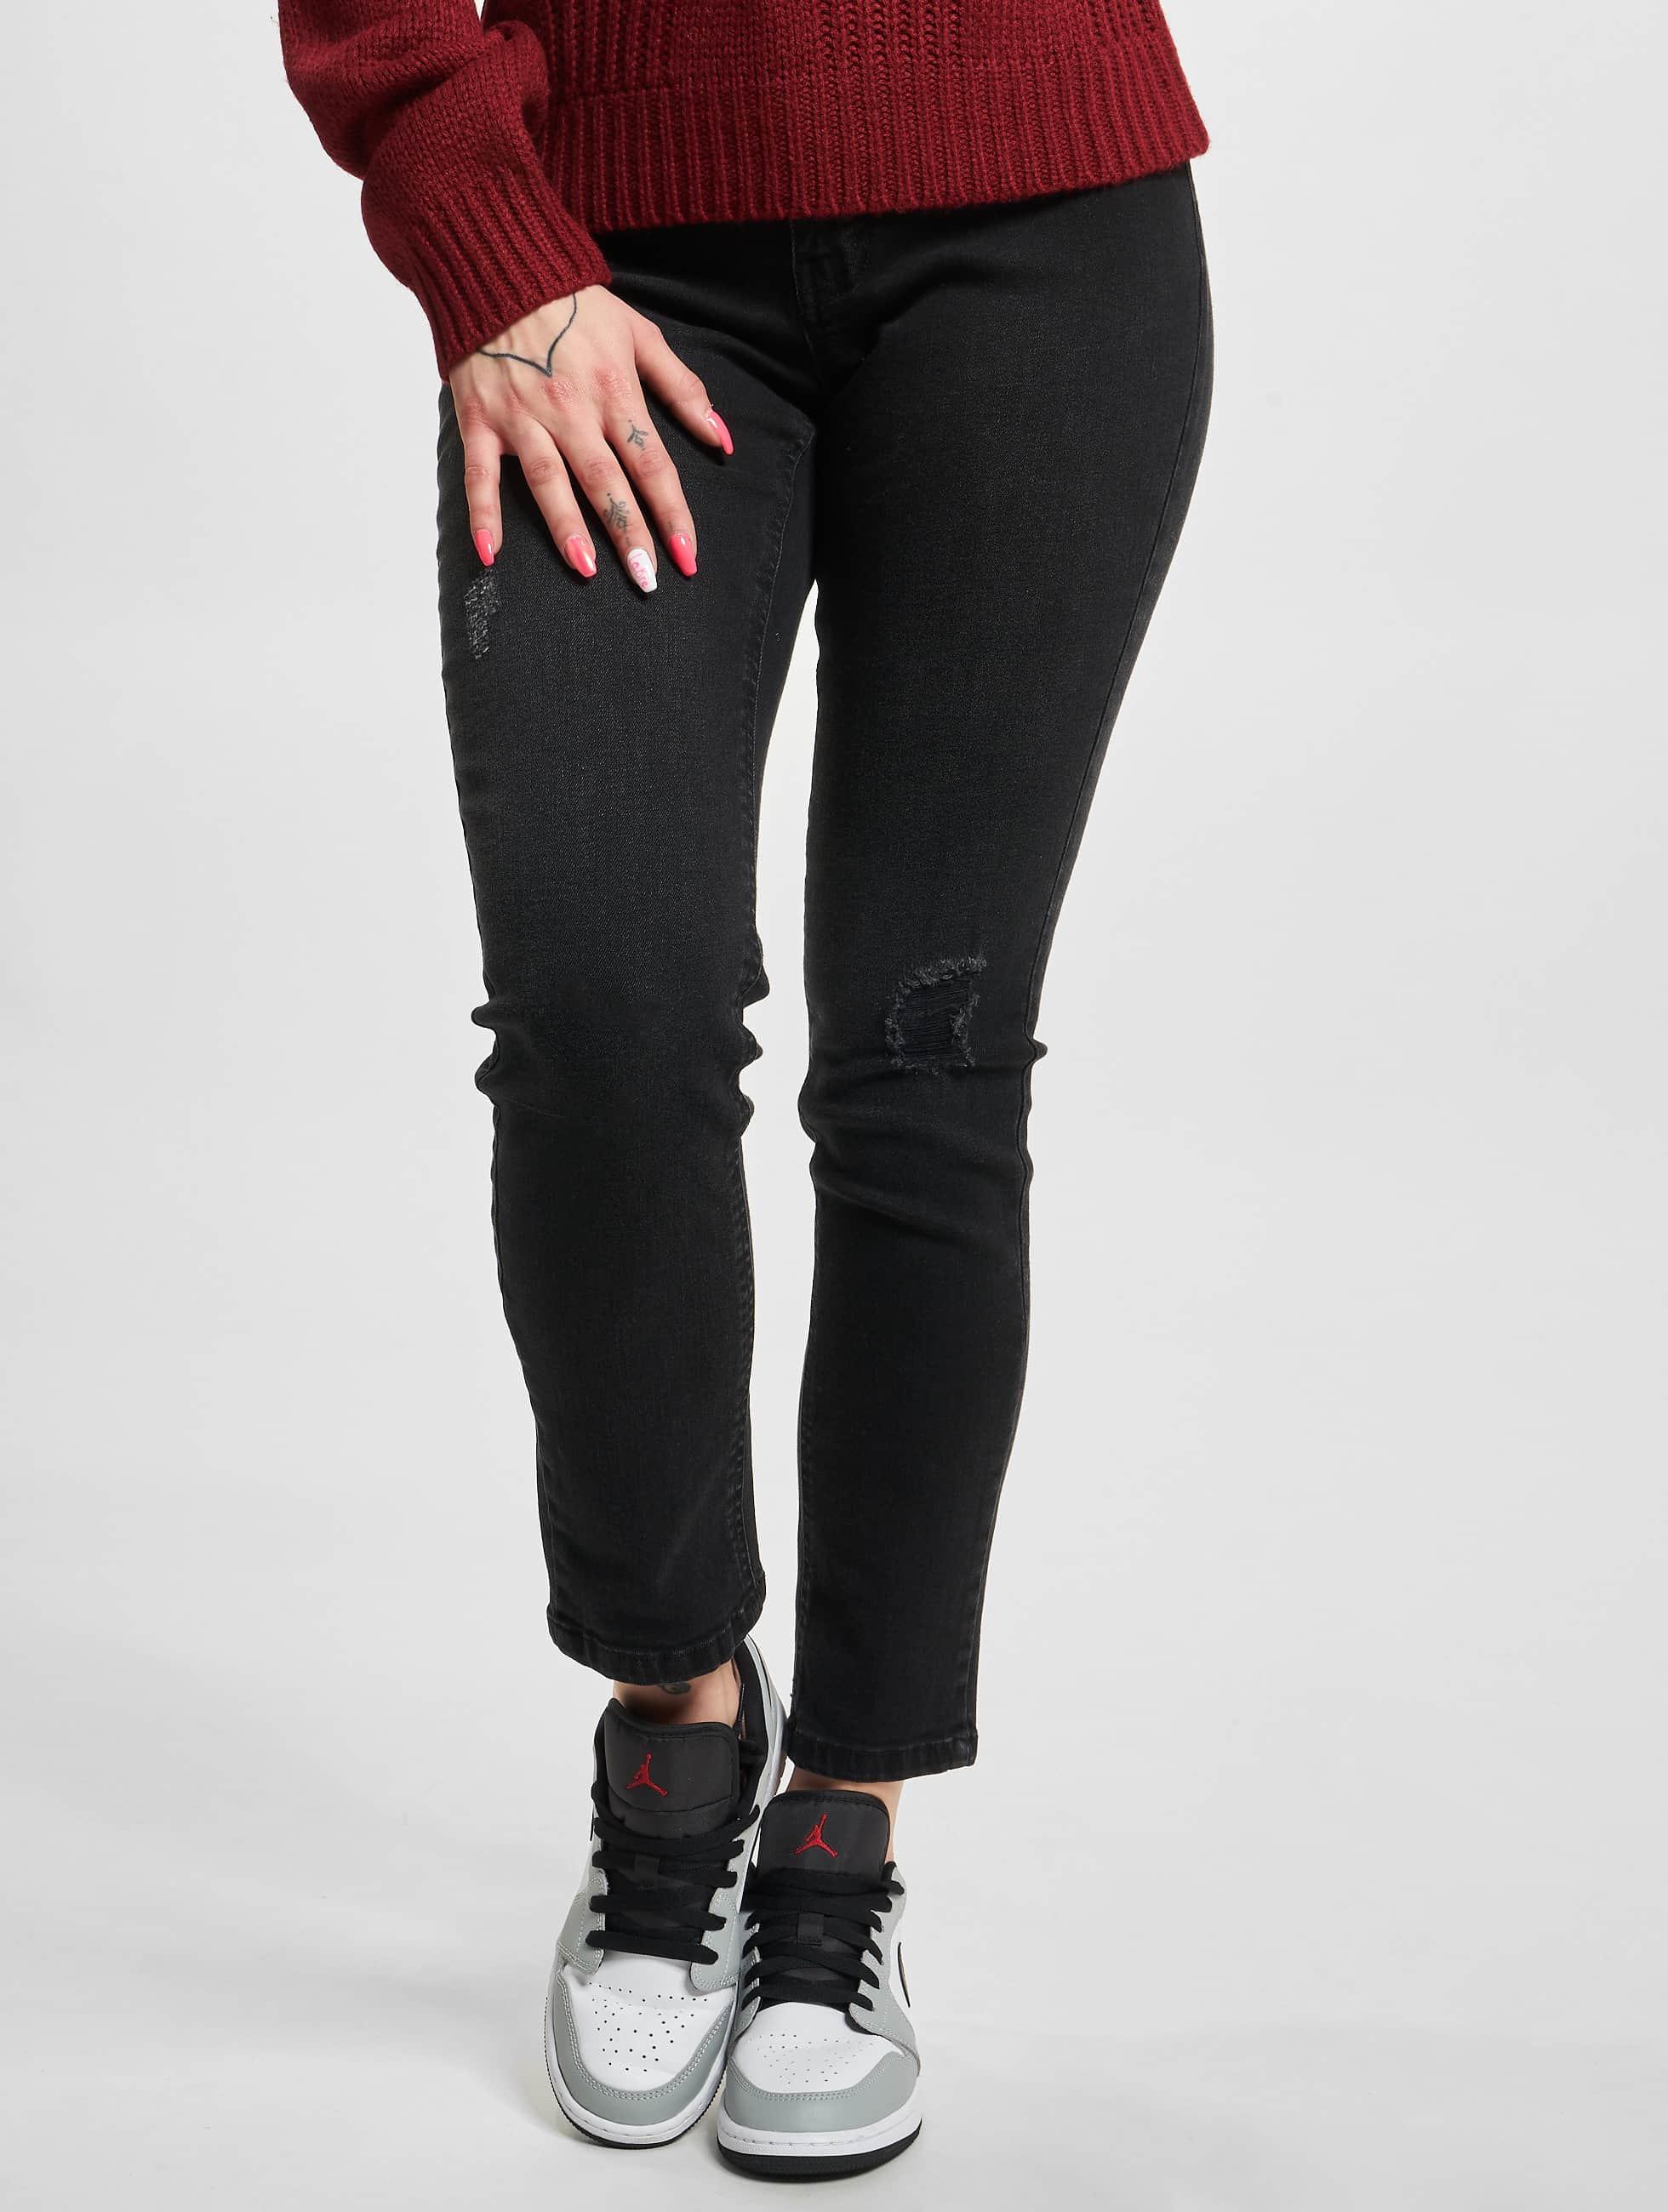 Urban Classics Frauen High Waist Jeans Ladies High Waist in schwarz